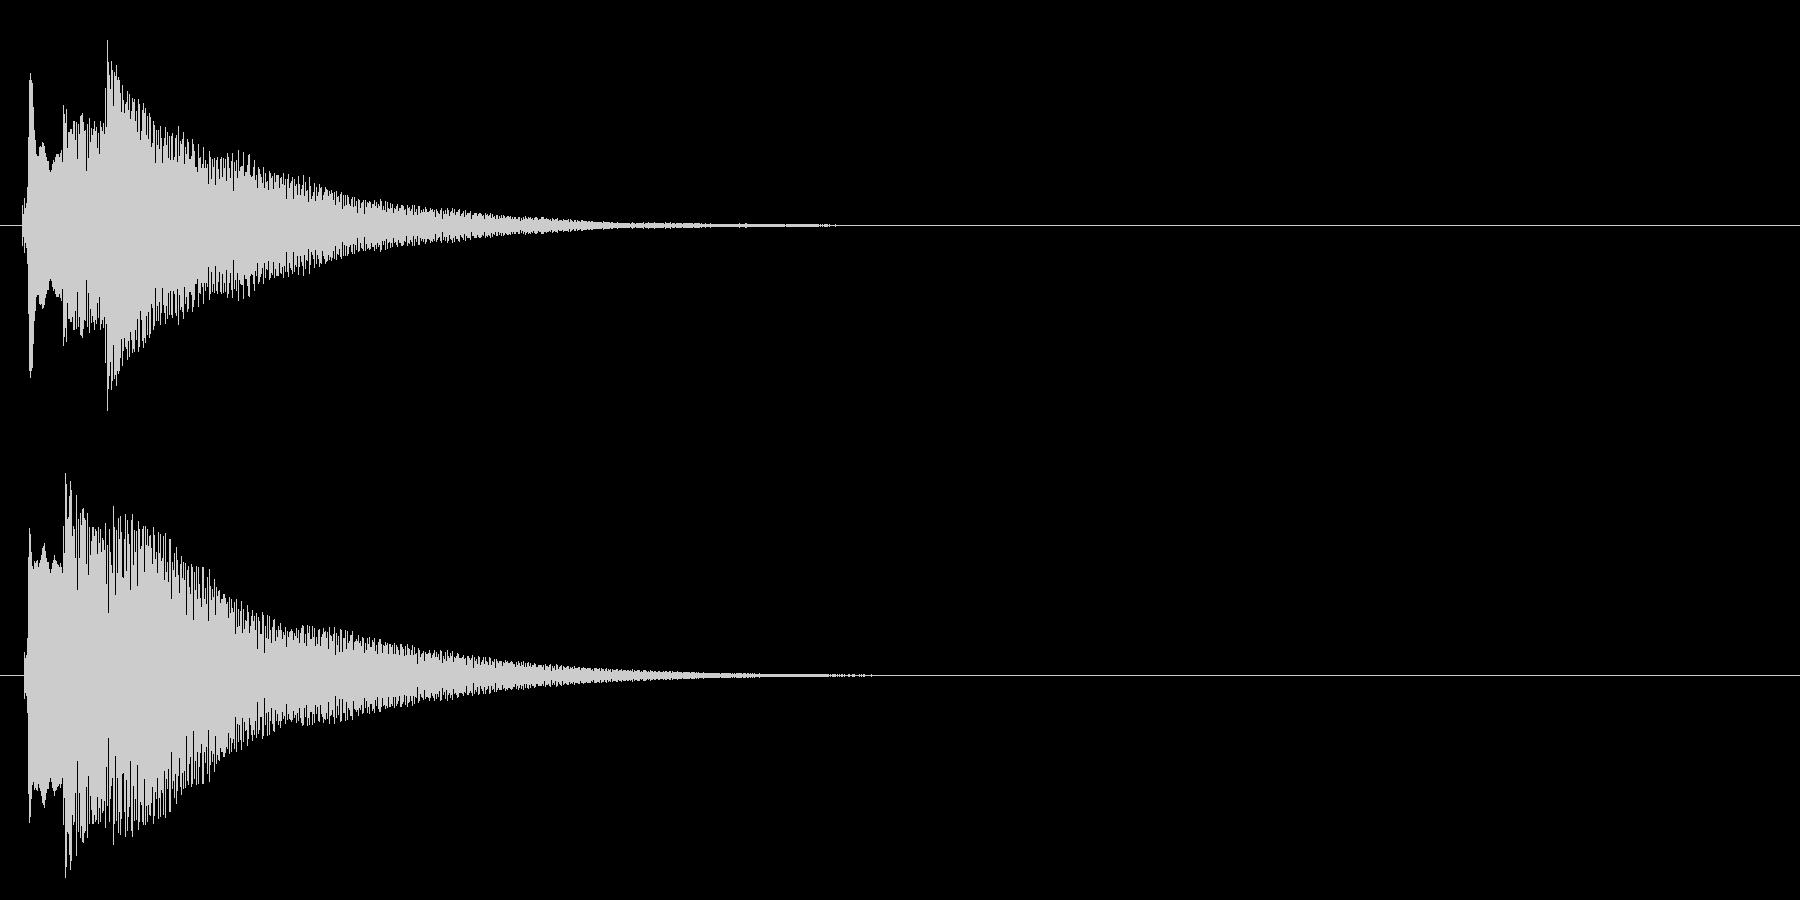 ハープ系 決定音09(長三和音)の未再生の波形